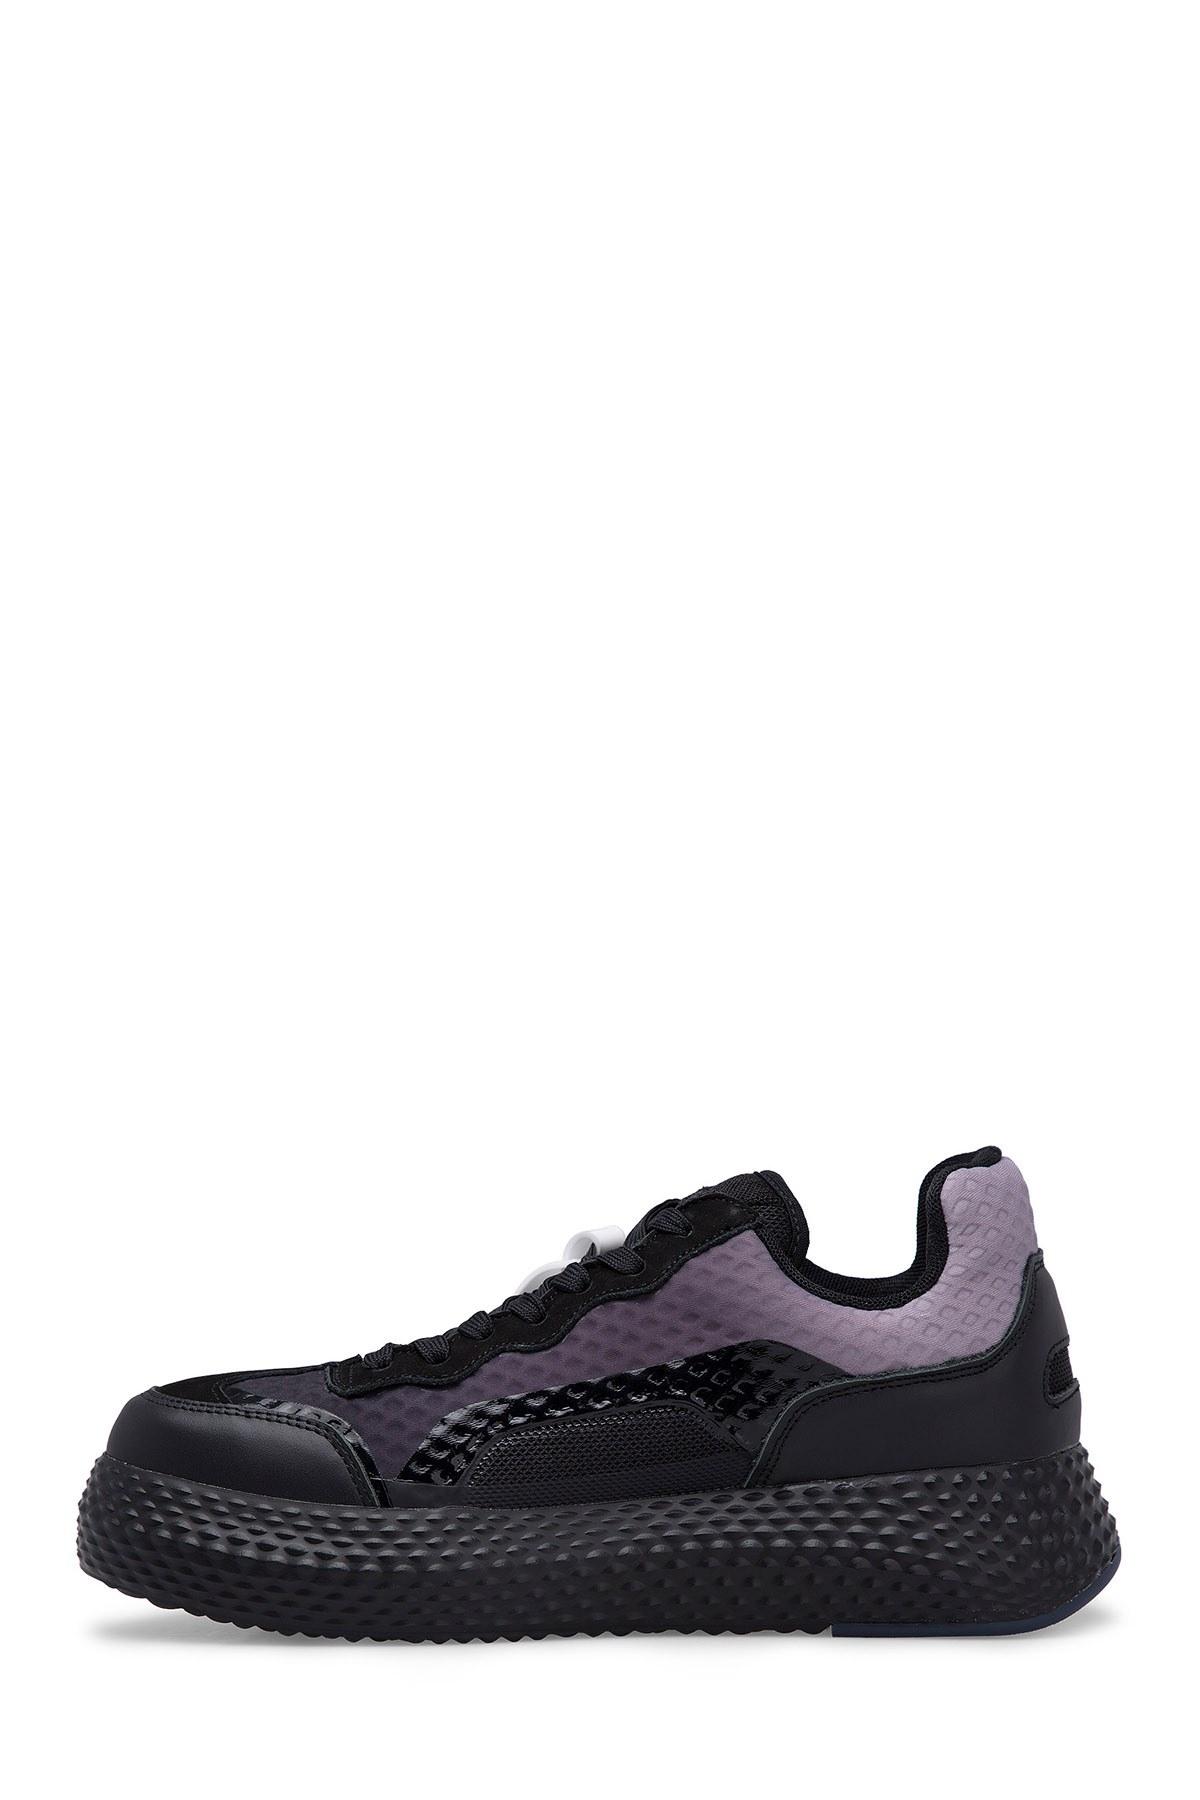 Emporio Armani Erkek Ayakkabı X4X269 XL934 K003 SİYAH